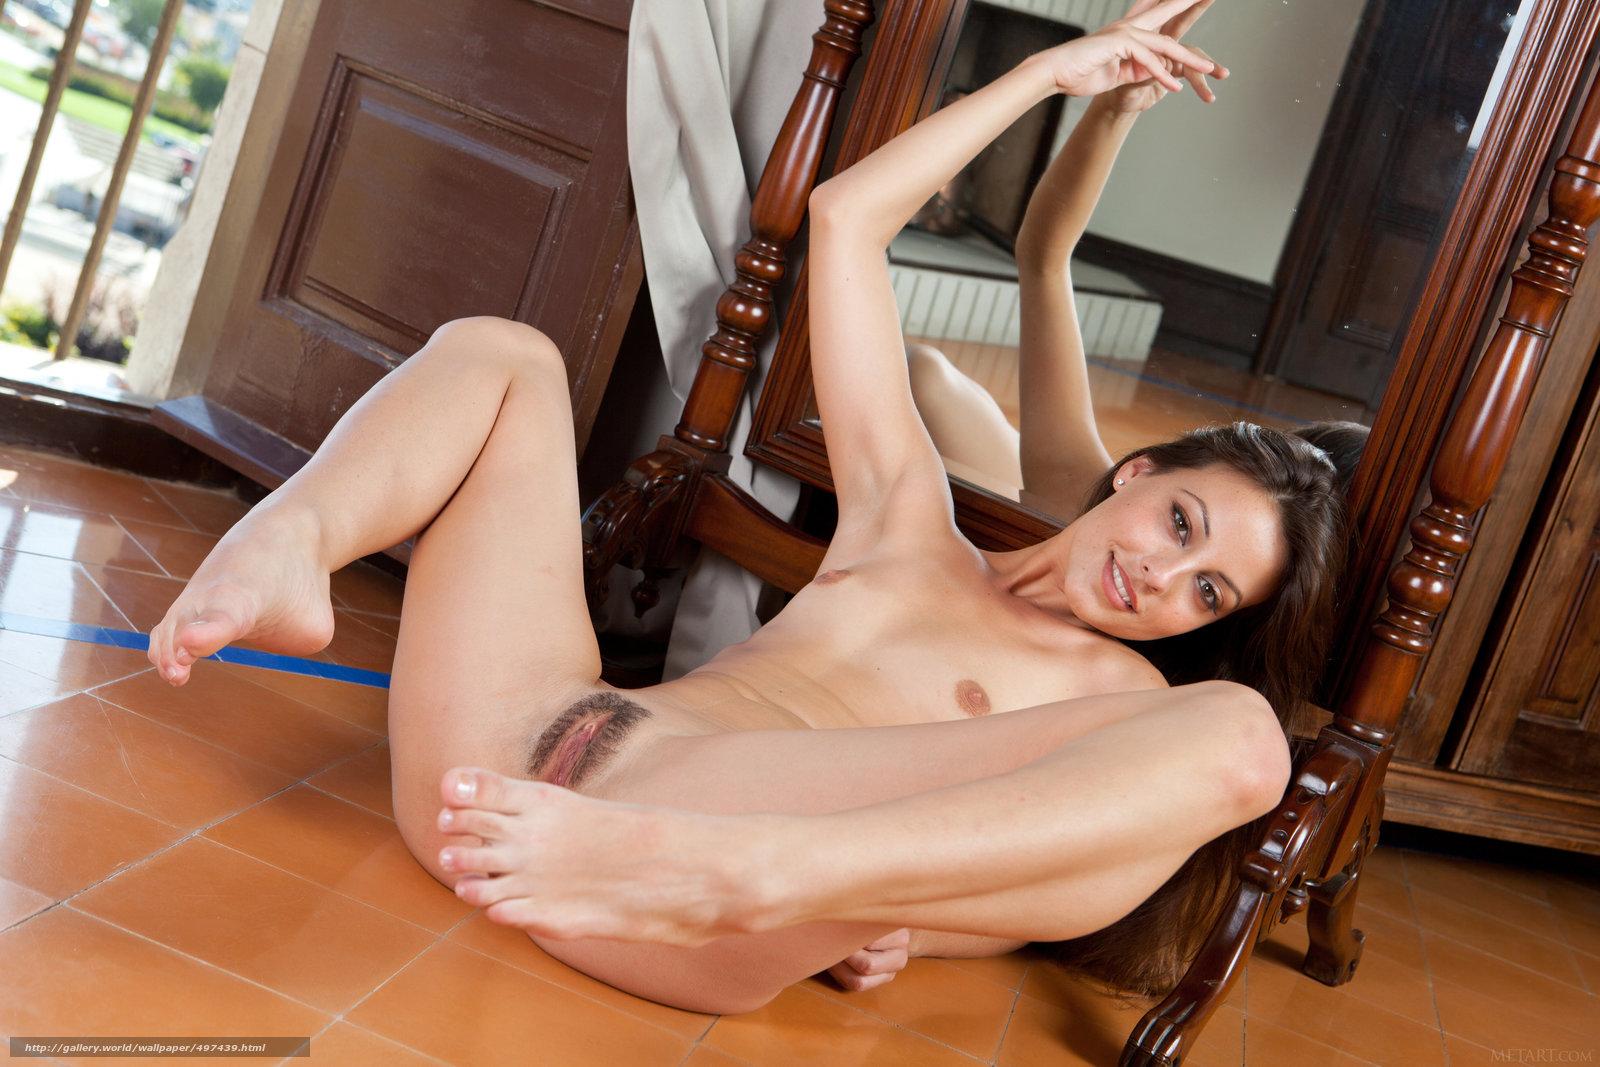 lorena-porno-model